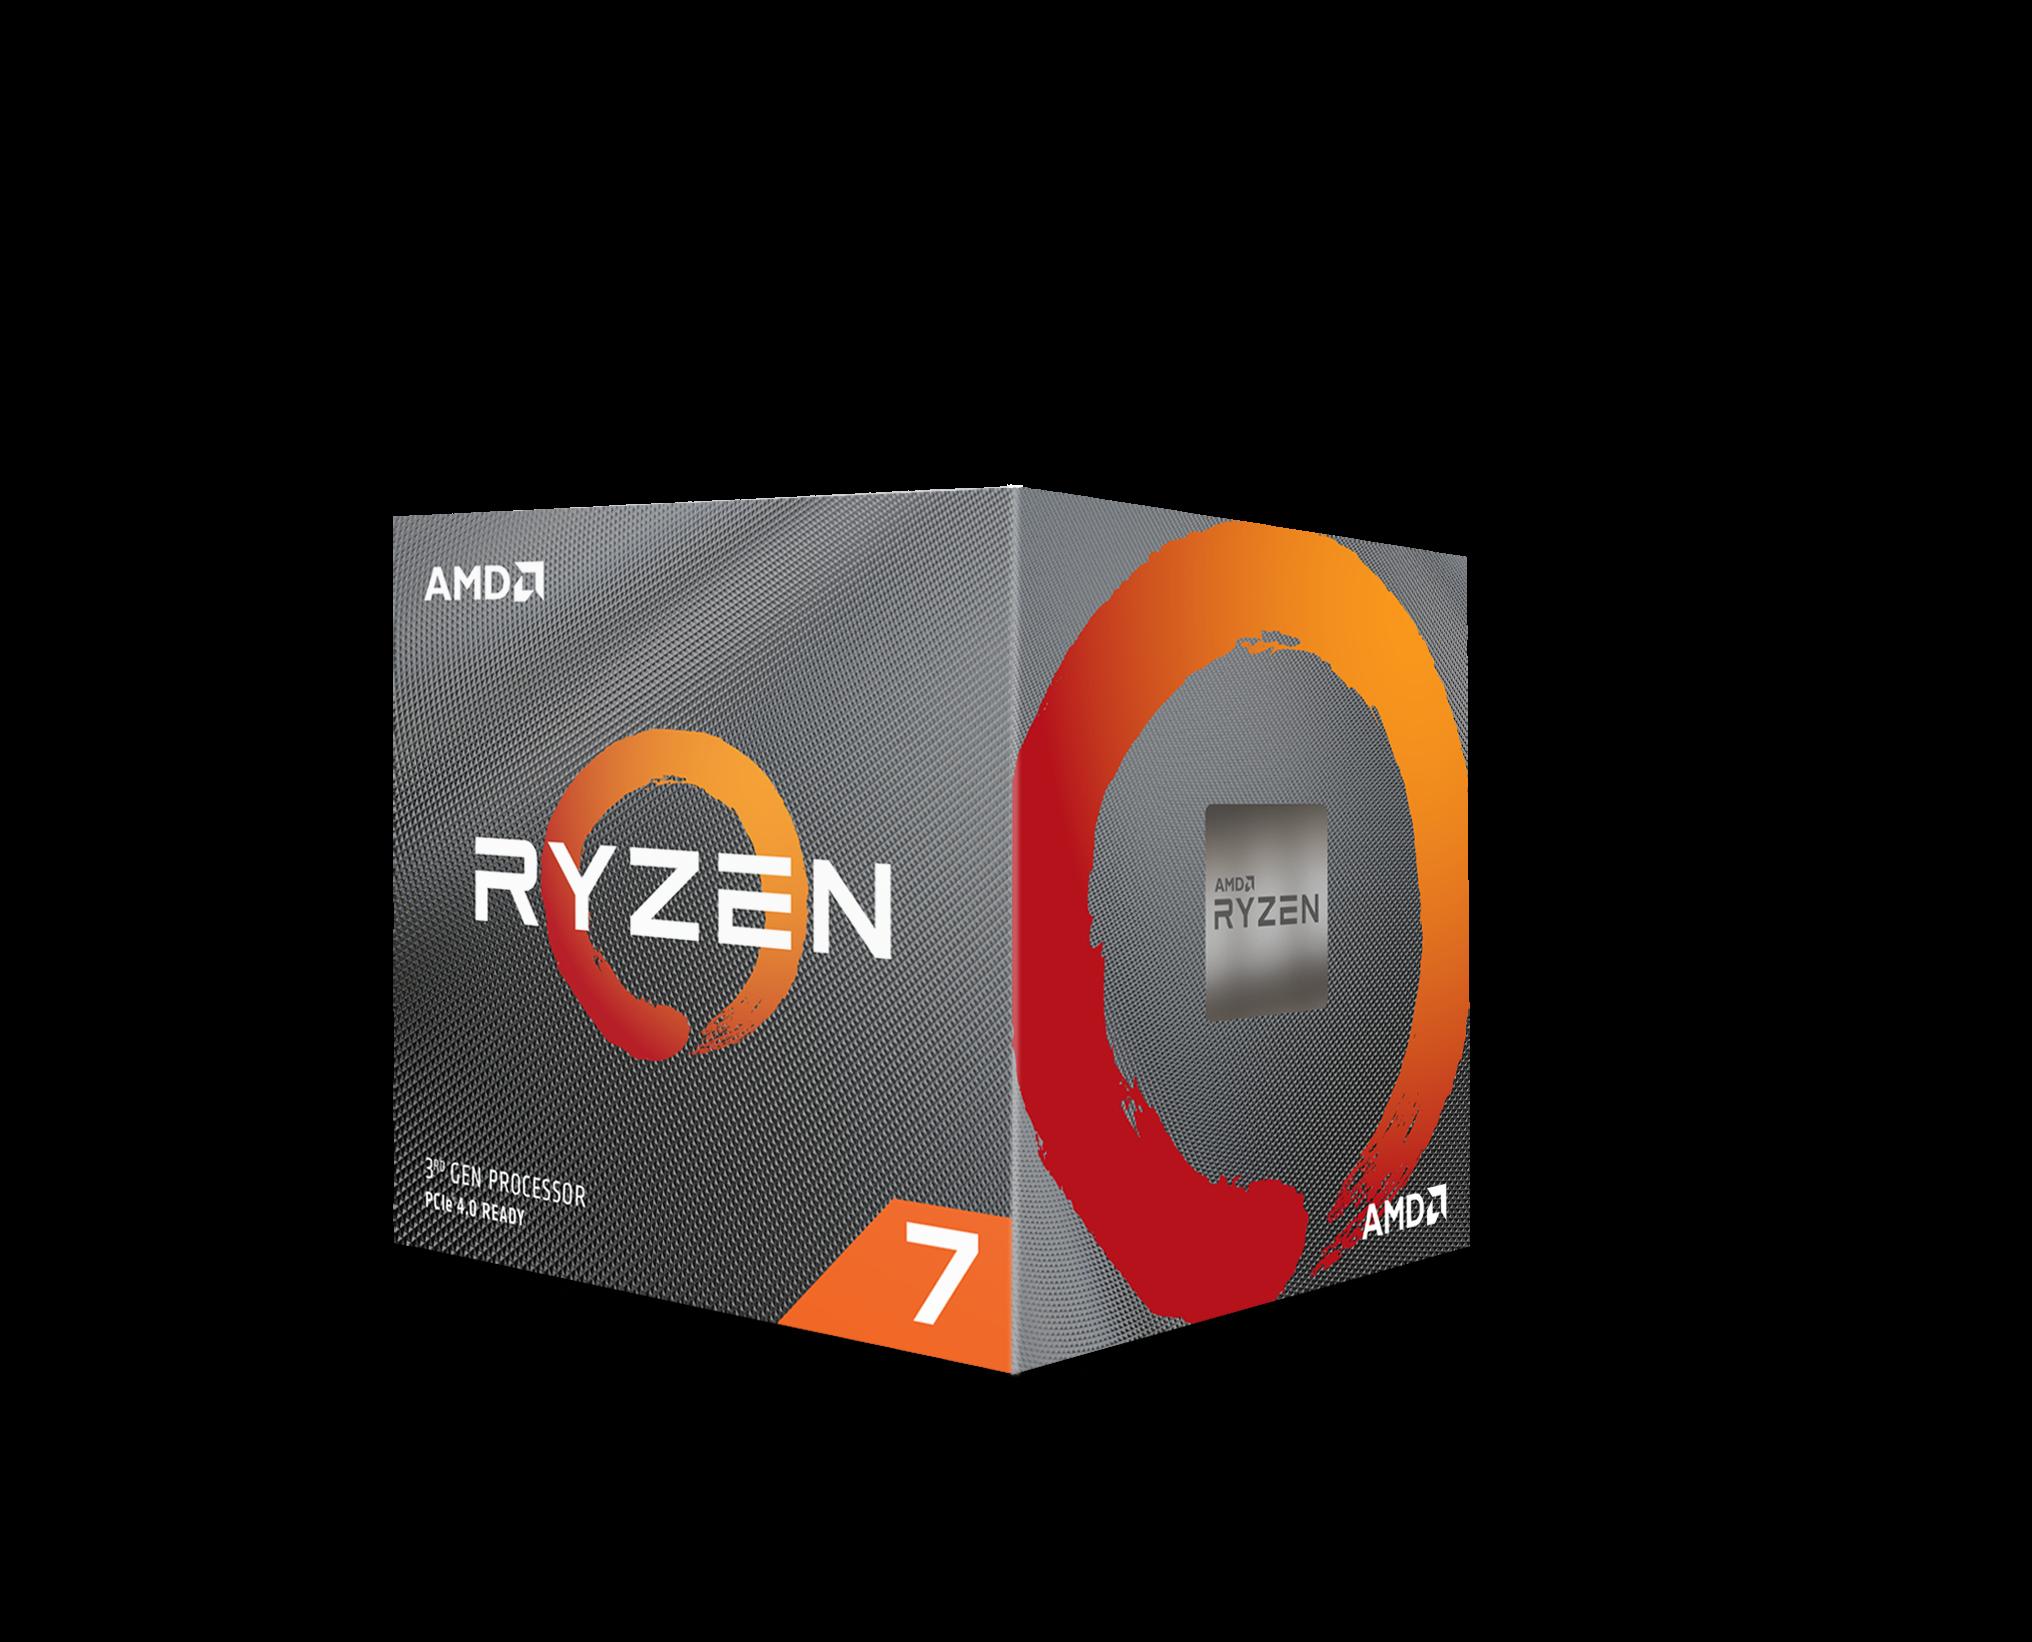 AMD Ryzen 7 3700x /36MB /3.6GHz /8 nhân 16 luồng